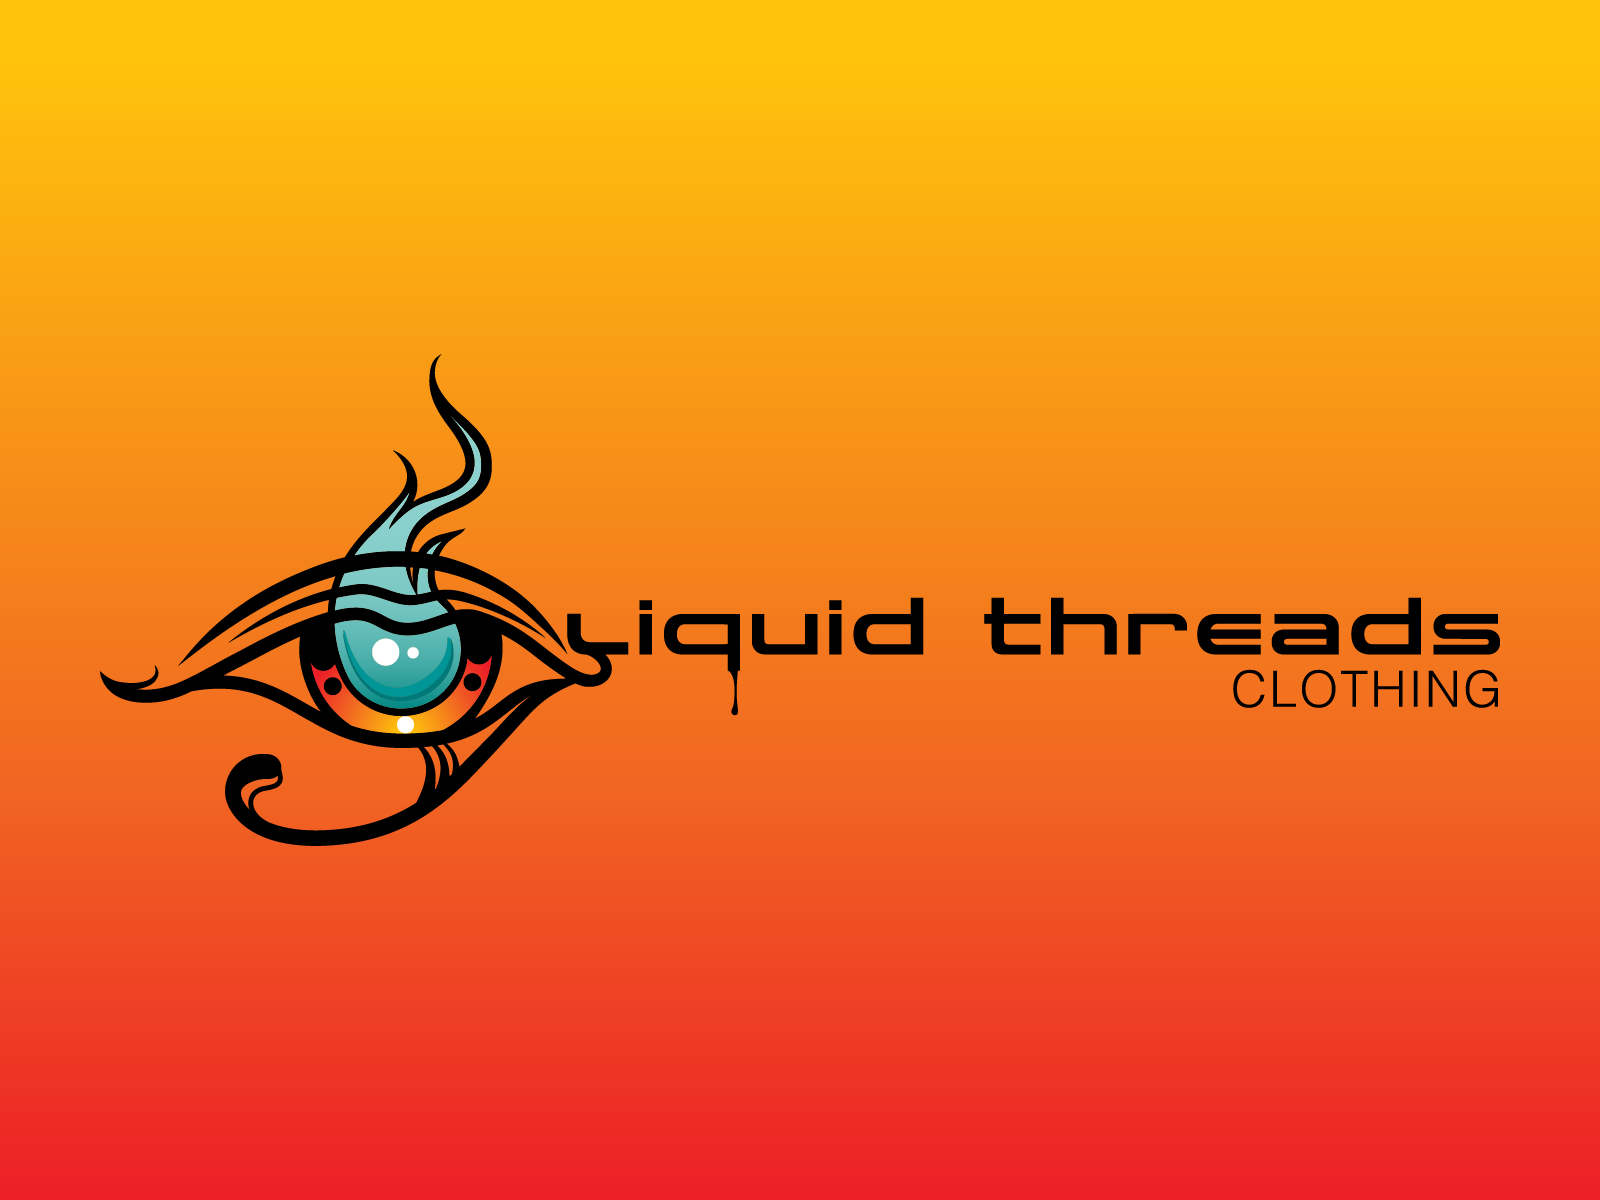 Liquid threads